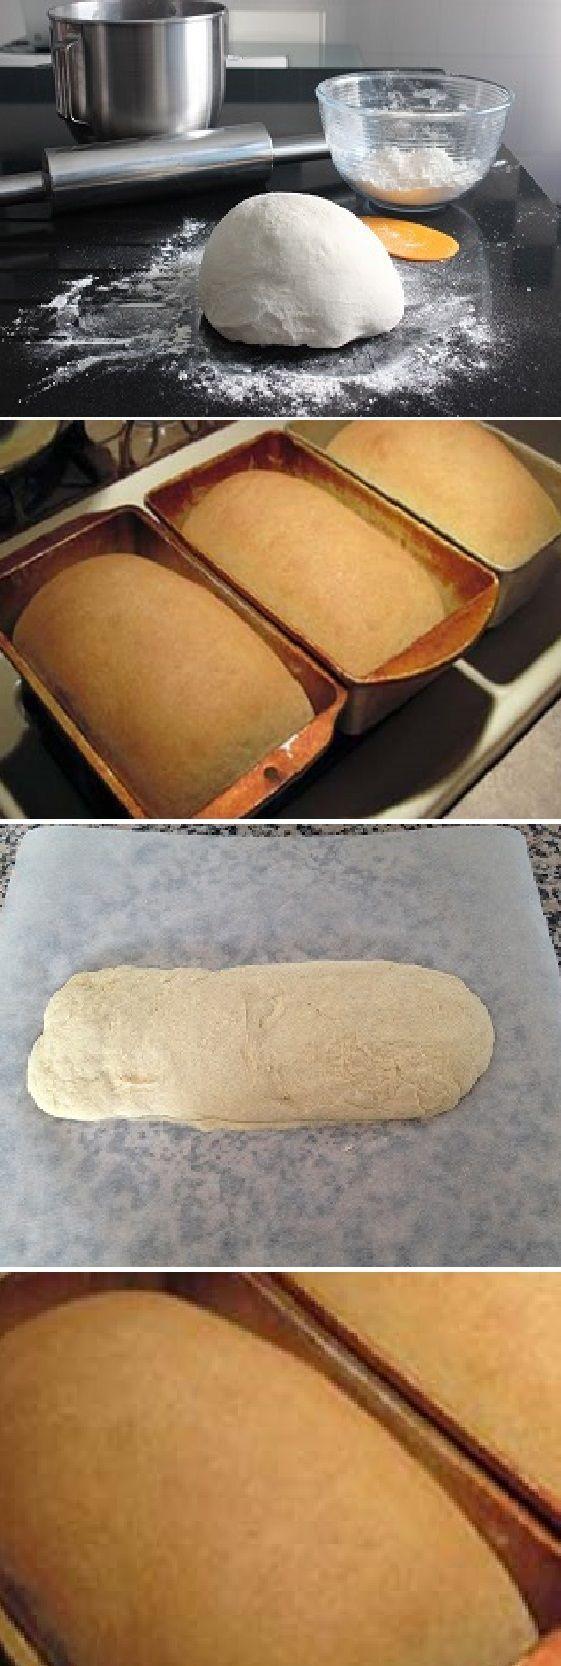 Recetas de pan casero: nunca comprarás pan otra vez.  #pan #panfrances #pantone #panes #pantone #pan #receta #recipe #casero #torta #tartas #pastel #nestlecocina #bizcocho #bizcochuelo #tasty #cocina #chocolate  Mezcla todos los ingredientes con una máquina de pan o mezclador para obtener una mezcla homogénea. En el caso de que decidas mezclarlos a mano, debe mezclar todos los ingredientes excepto l...